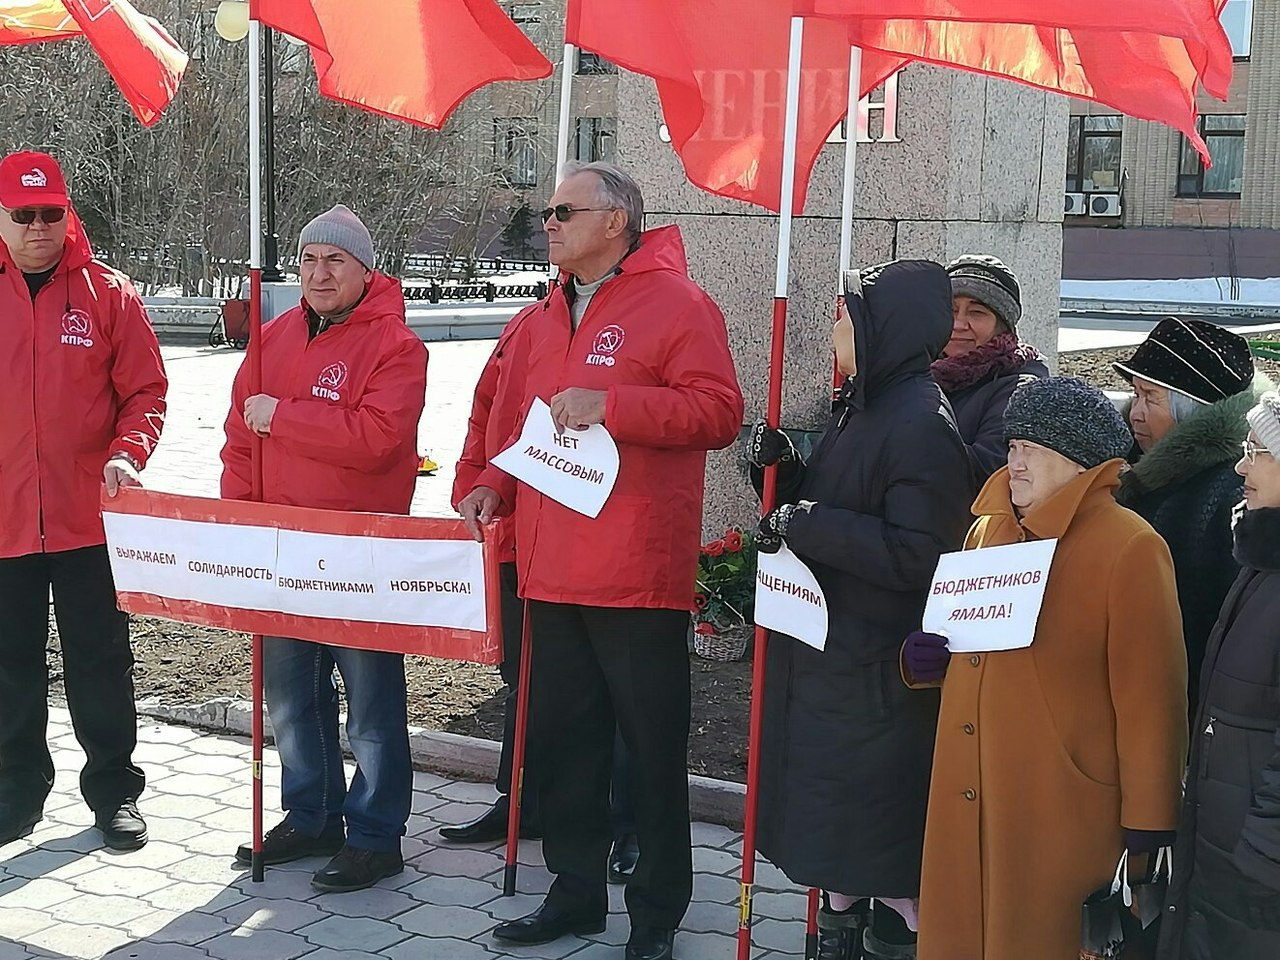 В Салехарде состоялся пикет против безработицы и массовых сокращений бюджетников в Ноябрьске